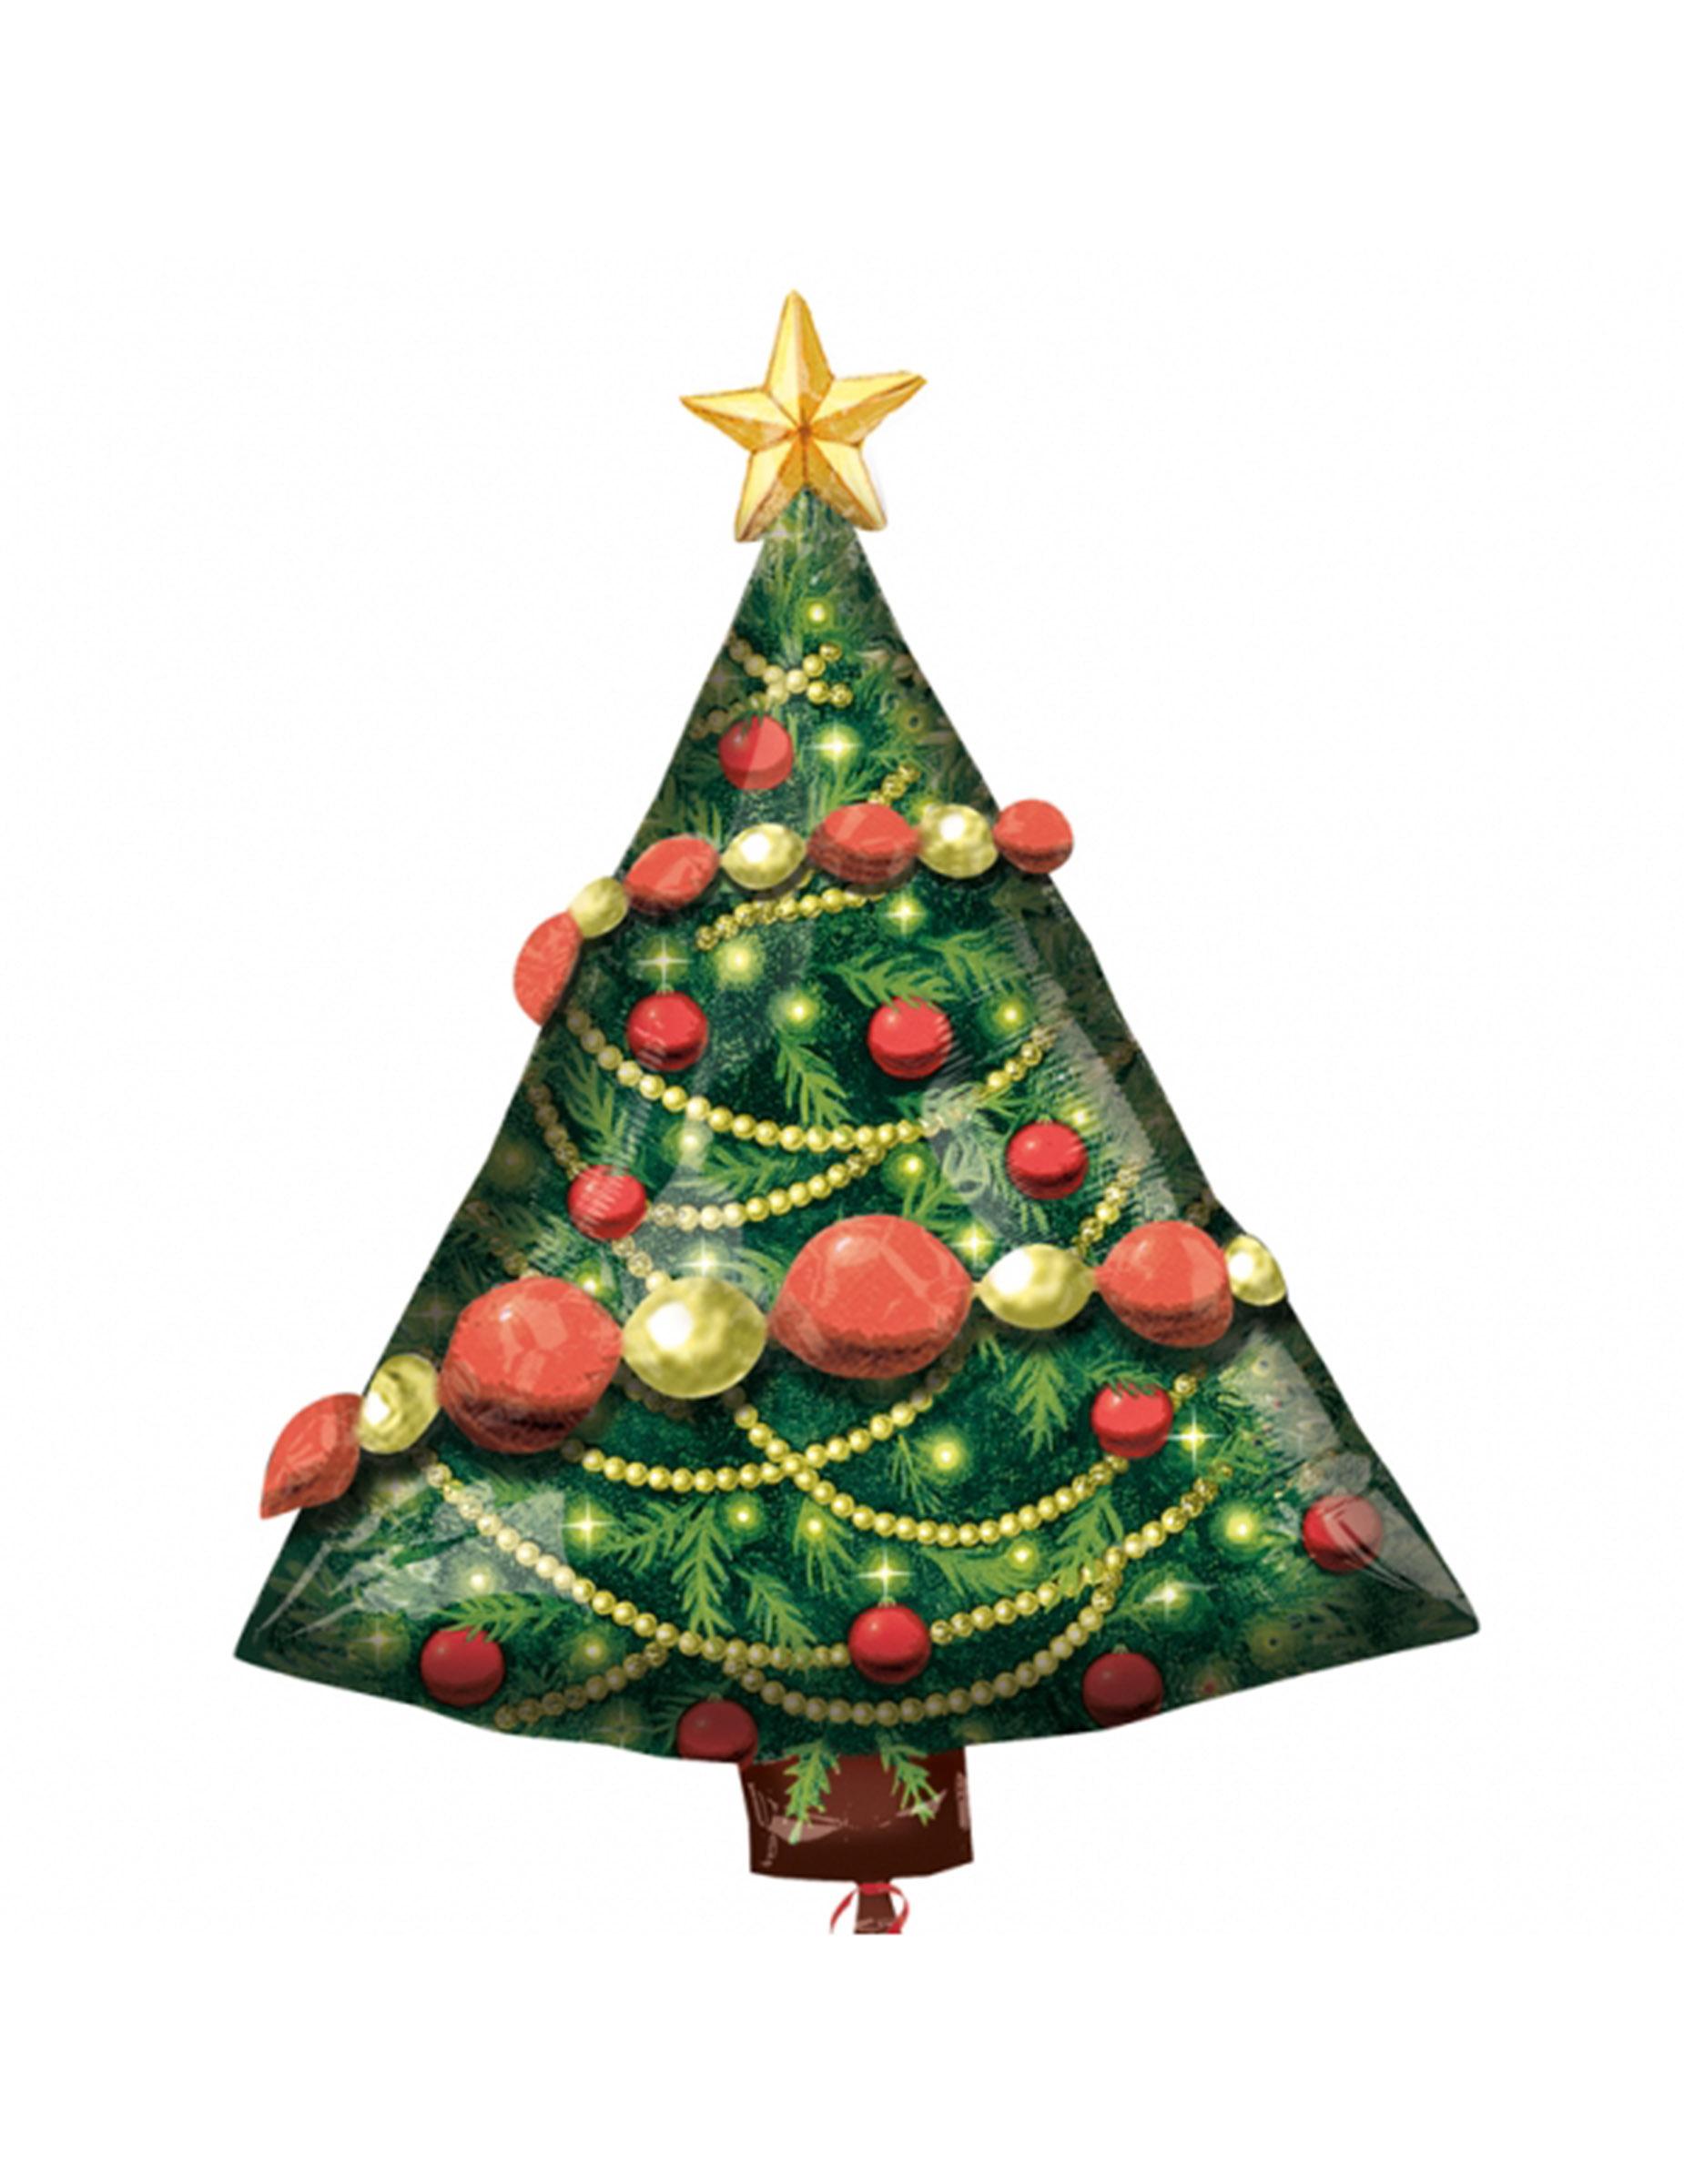 Globo alumino rbol de navidad 81x61 cm decoraci n y for Cesta arbol navidad